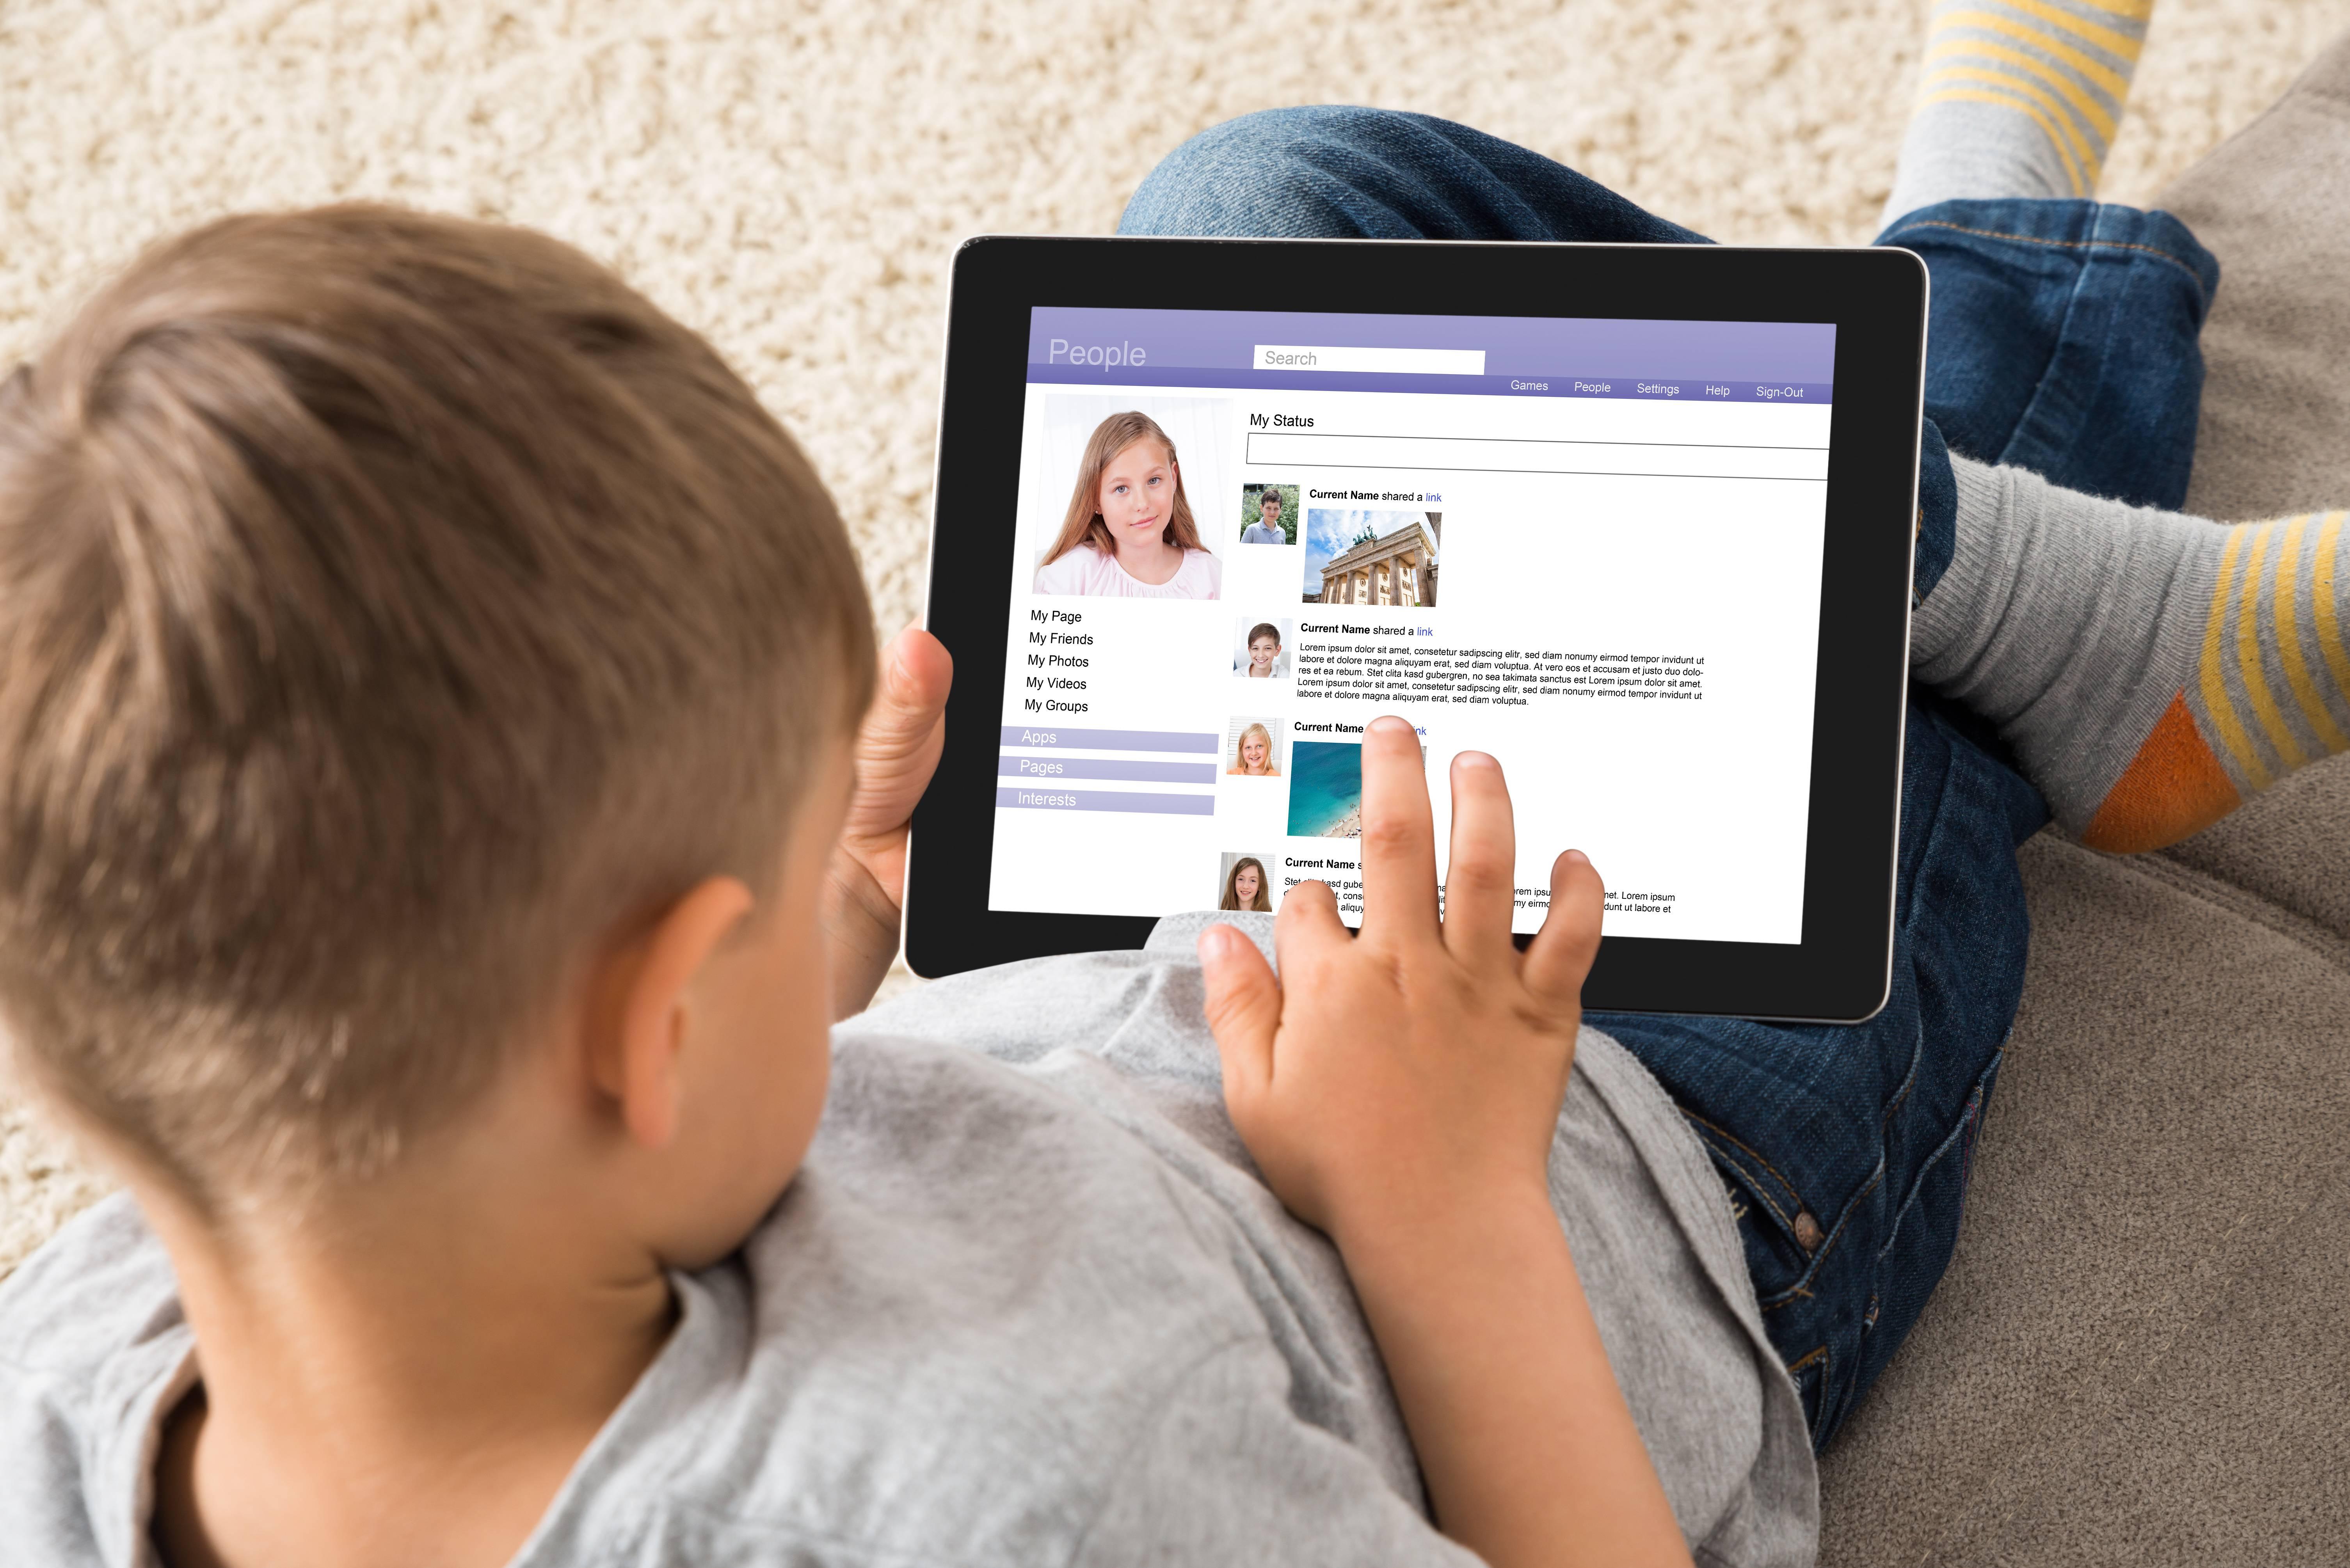 social tecnologia minori adolescenti